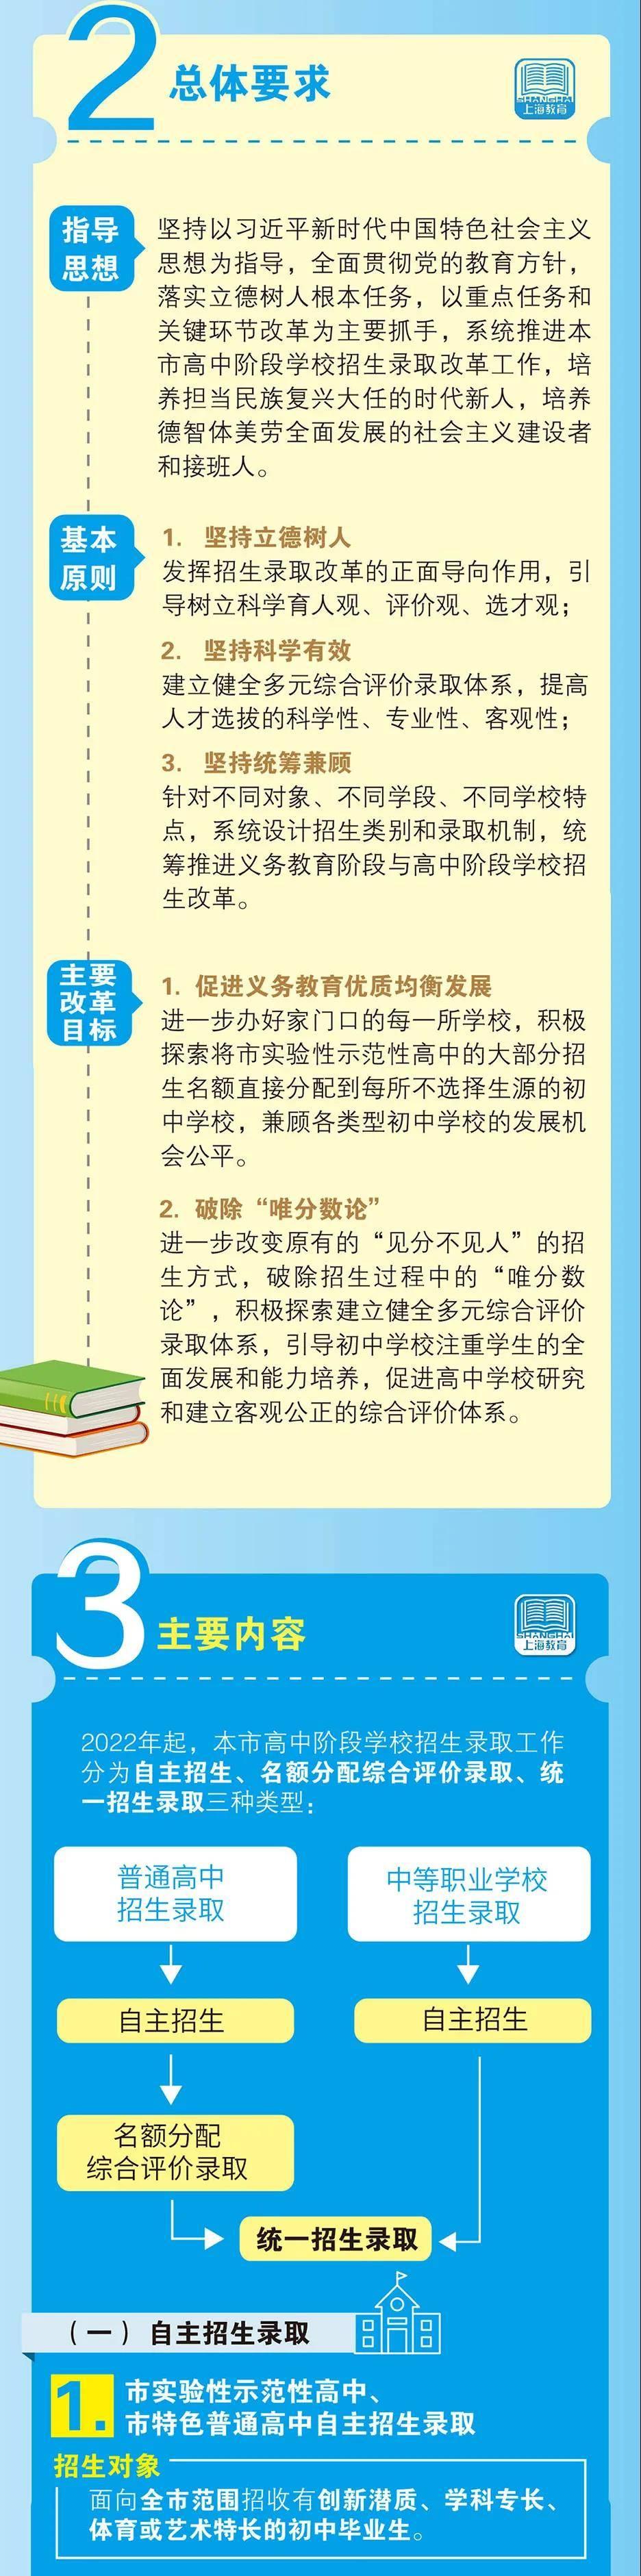 刚刚!上海中考爆炸式欧冠杯app新政对全国有什么影响?